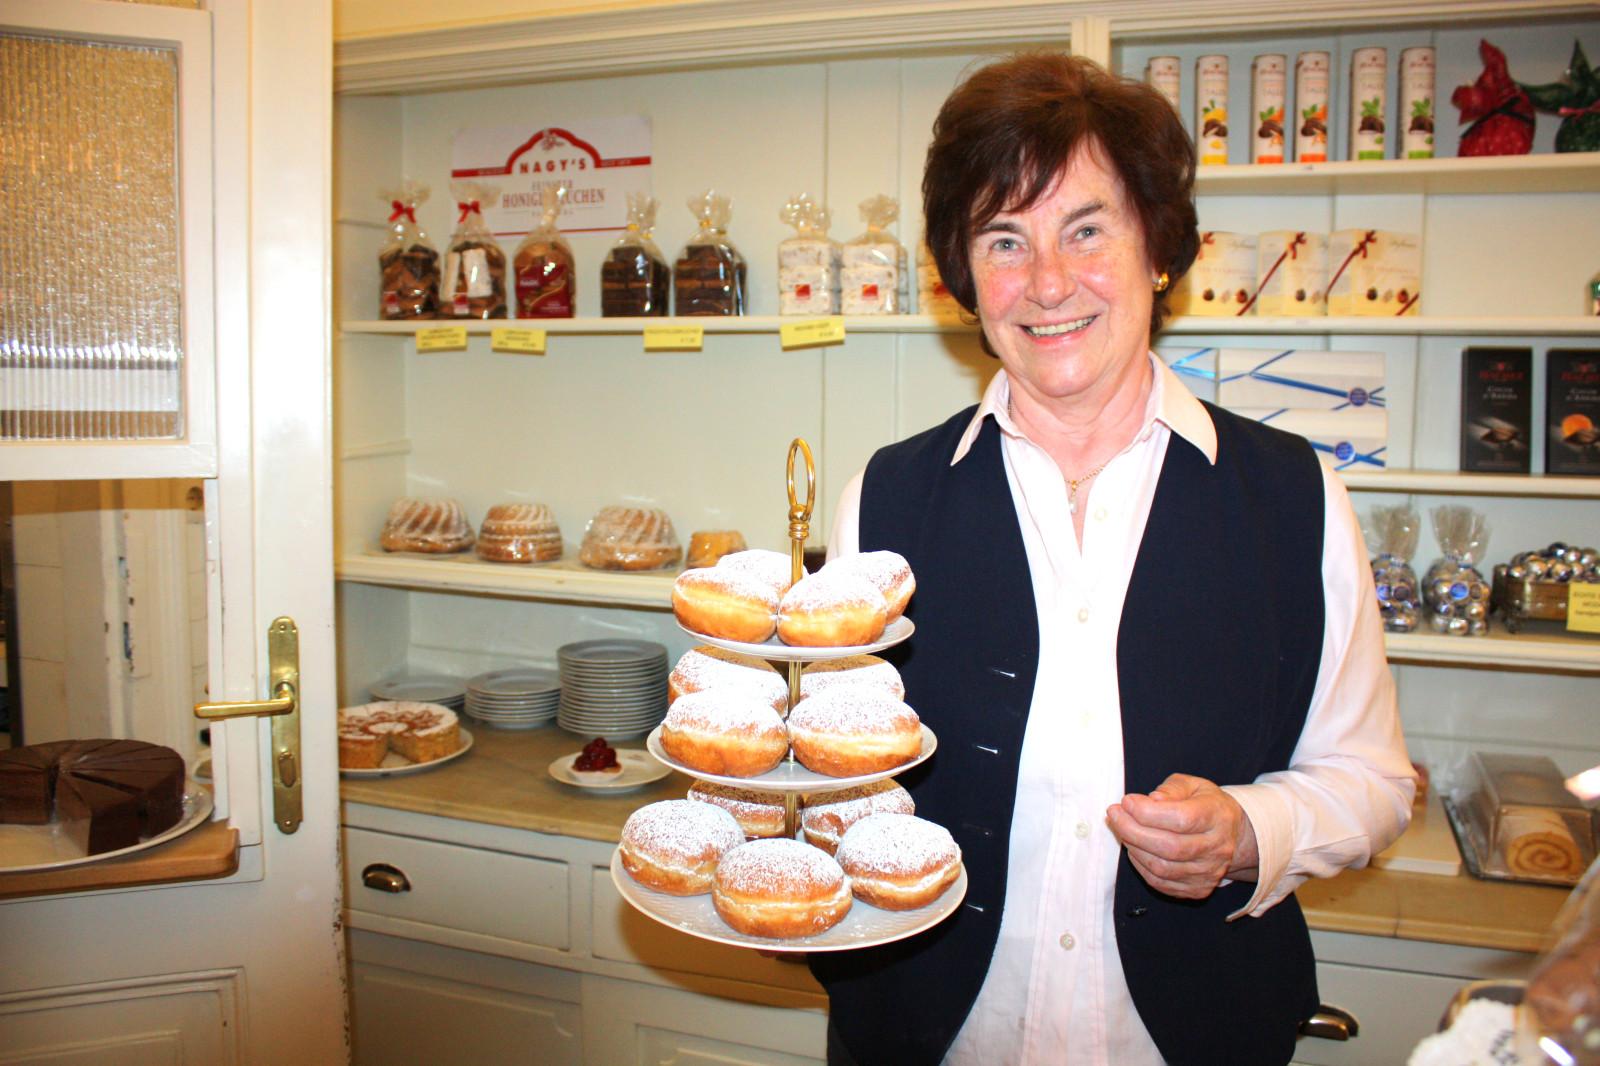 Helene Winkler mit hausgemachten Krapfen